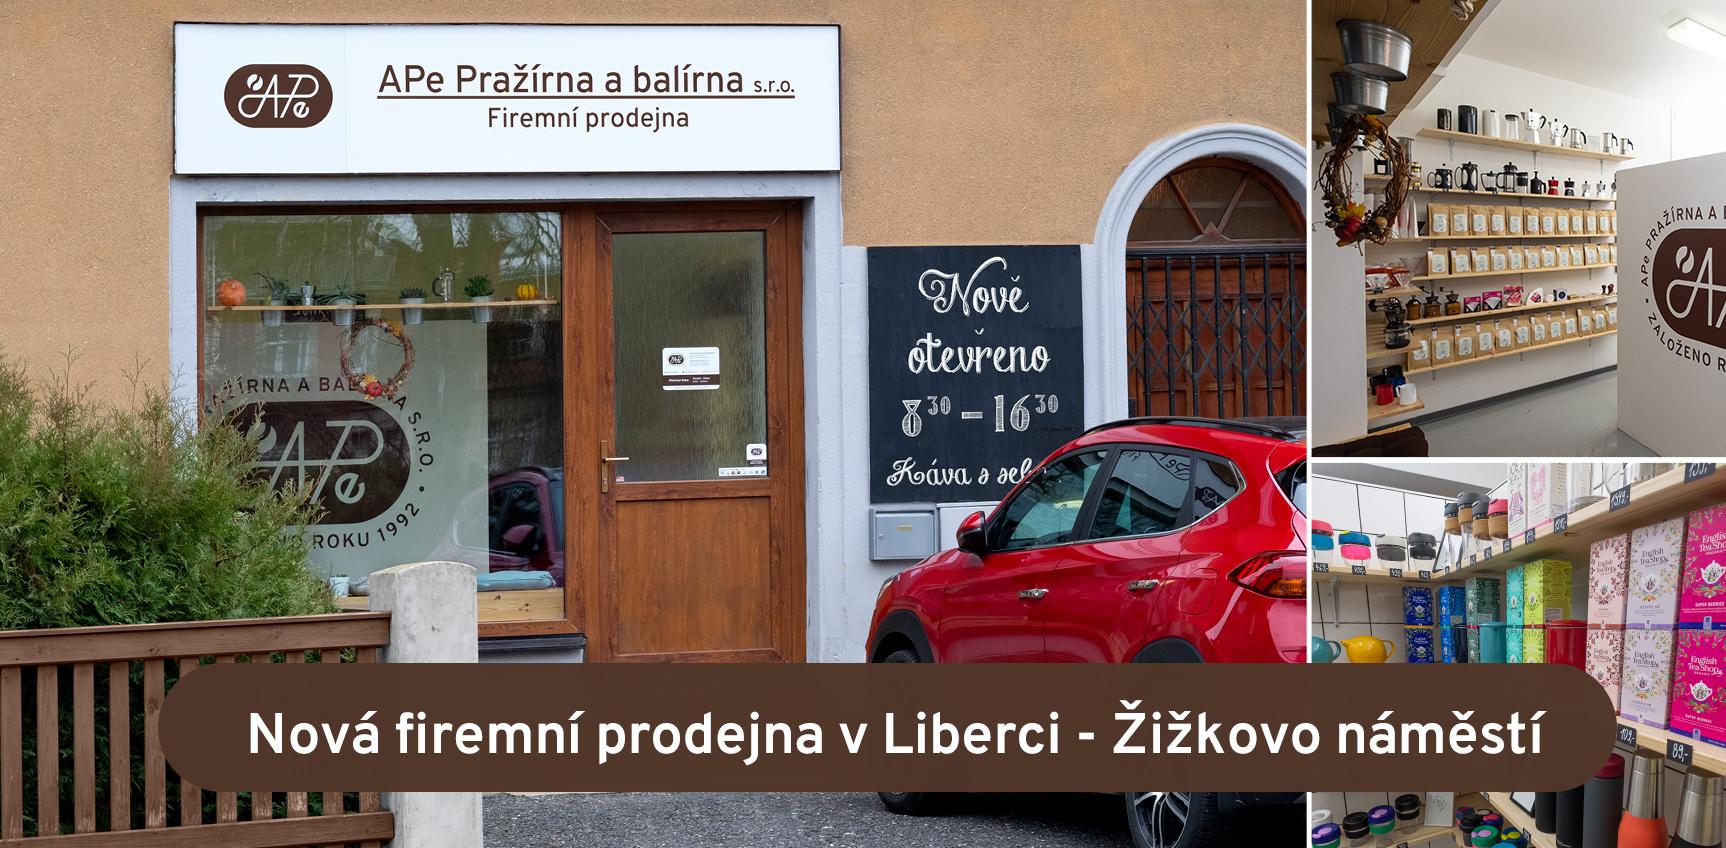 Nová firemní prodejna v Liberci - Žižkovo náměstí